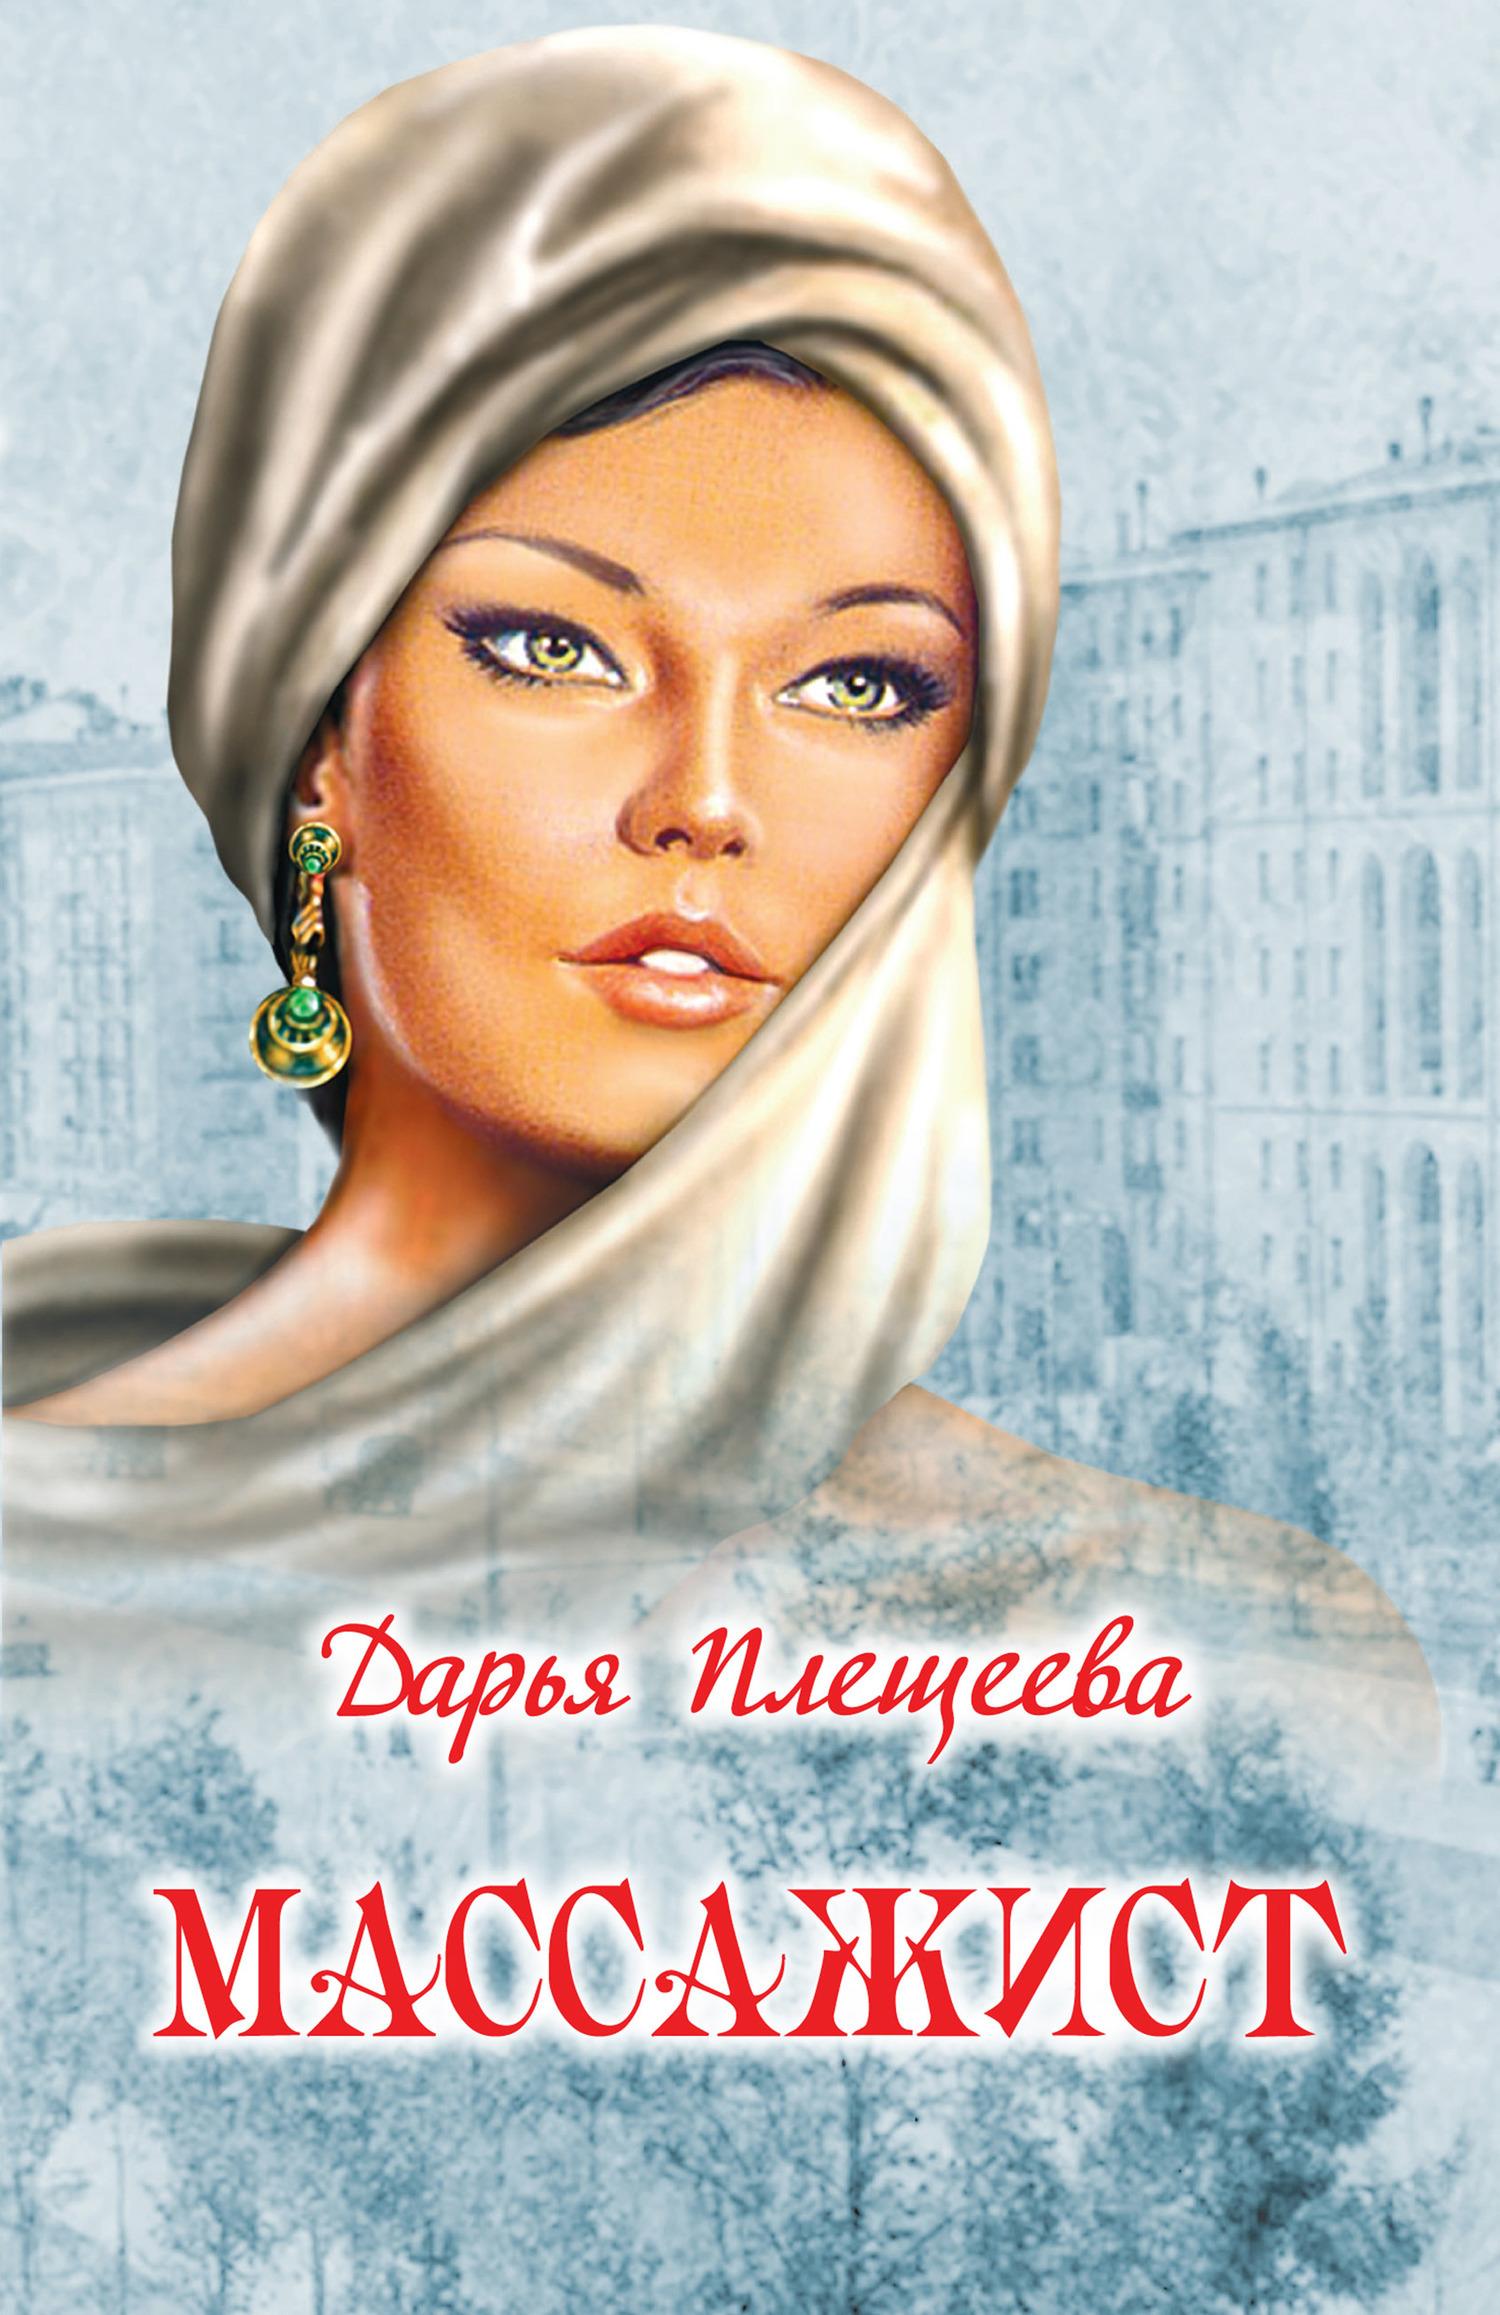 Дарья Плещеева - Массажист